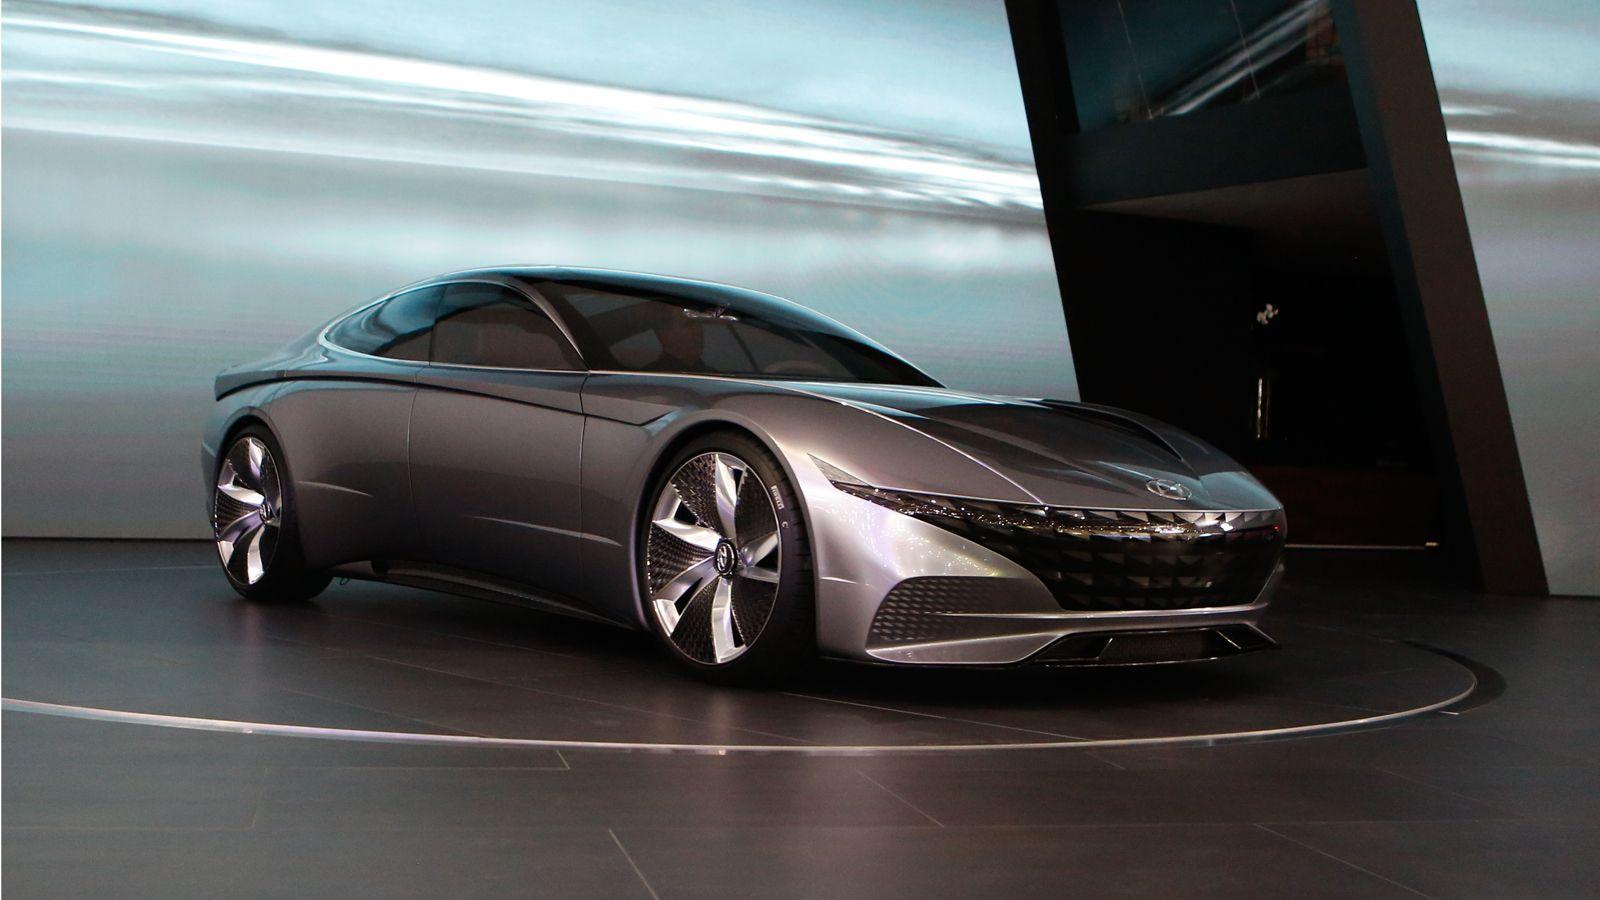 This Hyundai Geneva Concept Signals A New Design Era For The Brand